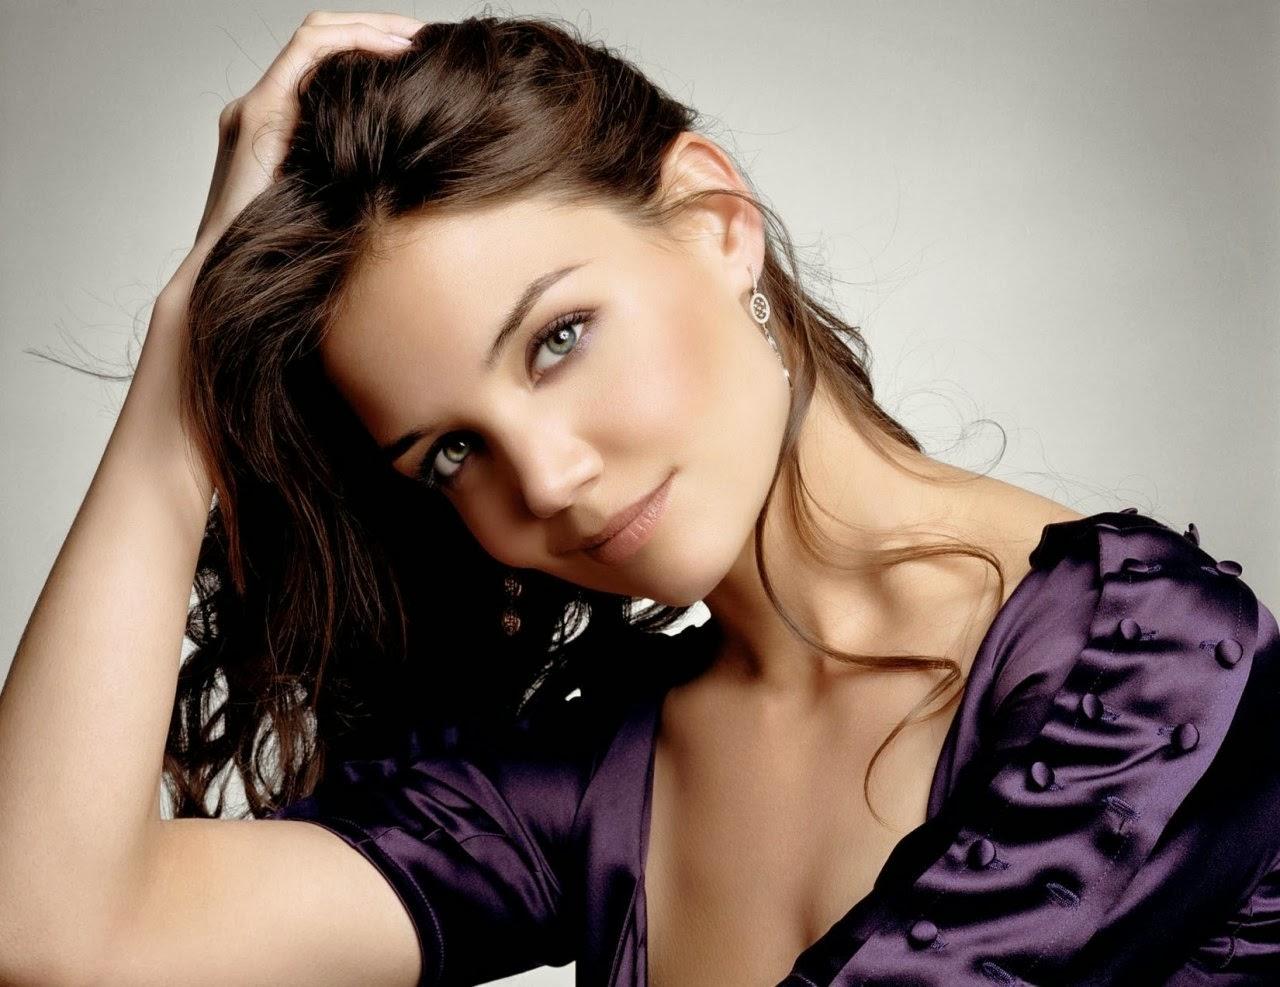 Топ 10 самые популярные российские девушки в